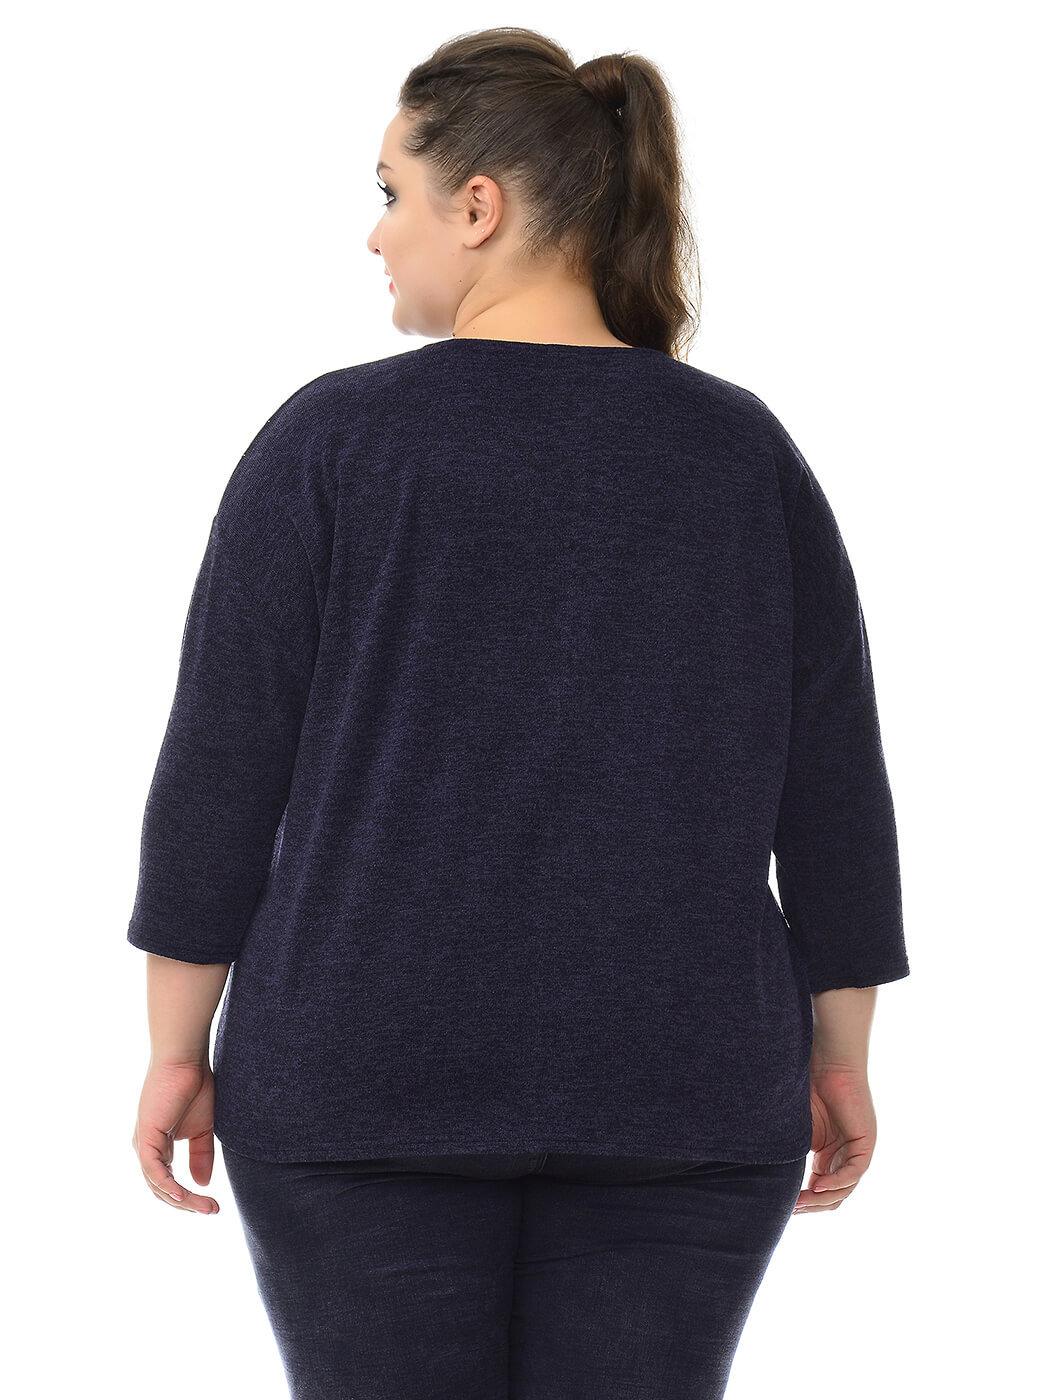 Блуза свободная Ангора темно-синяя